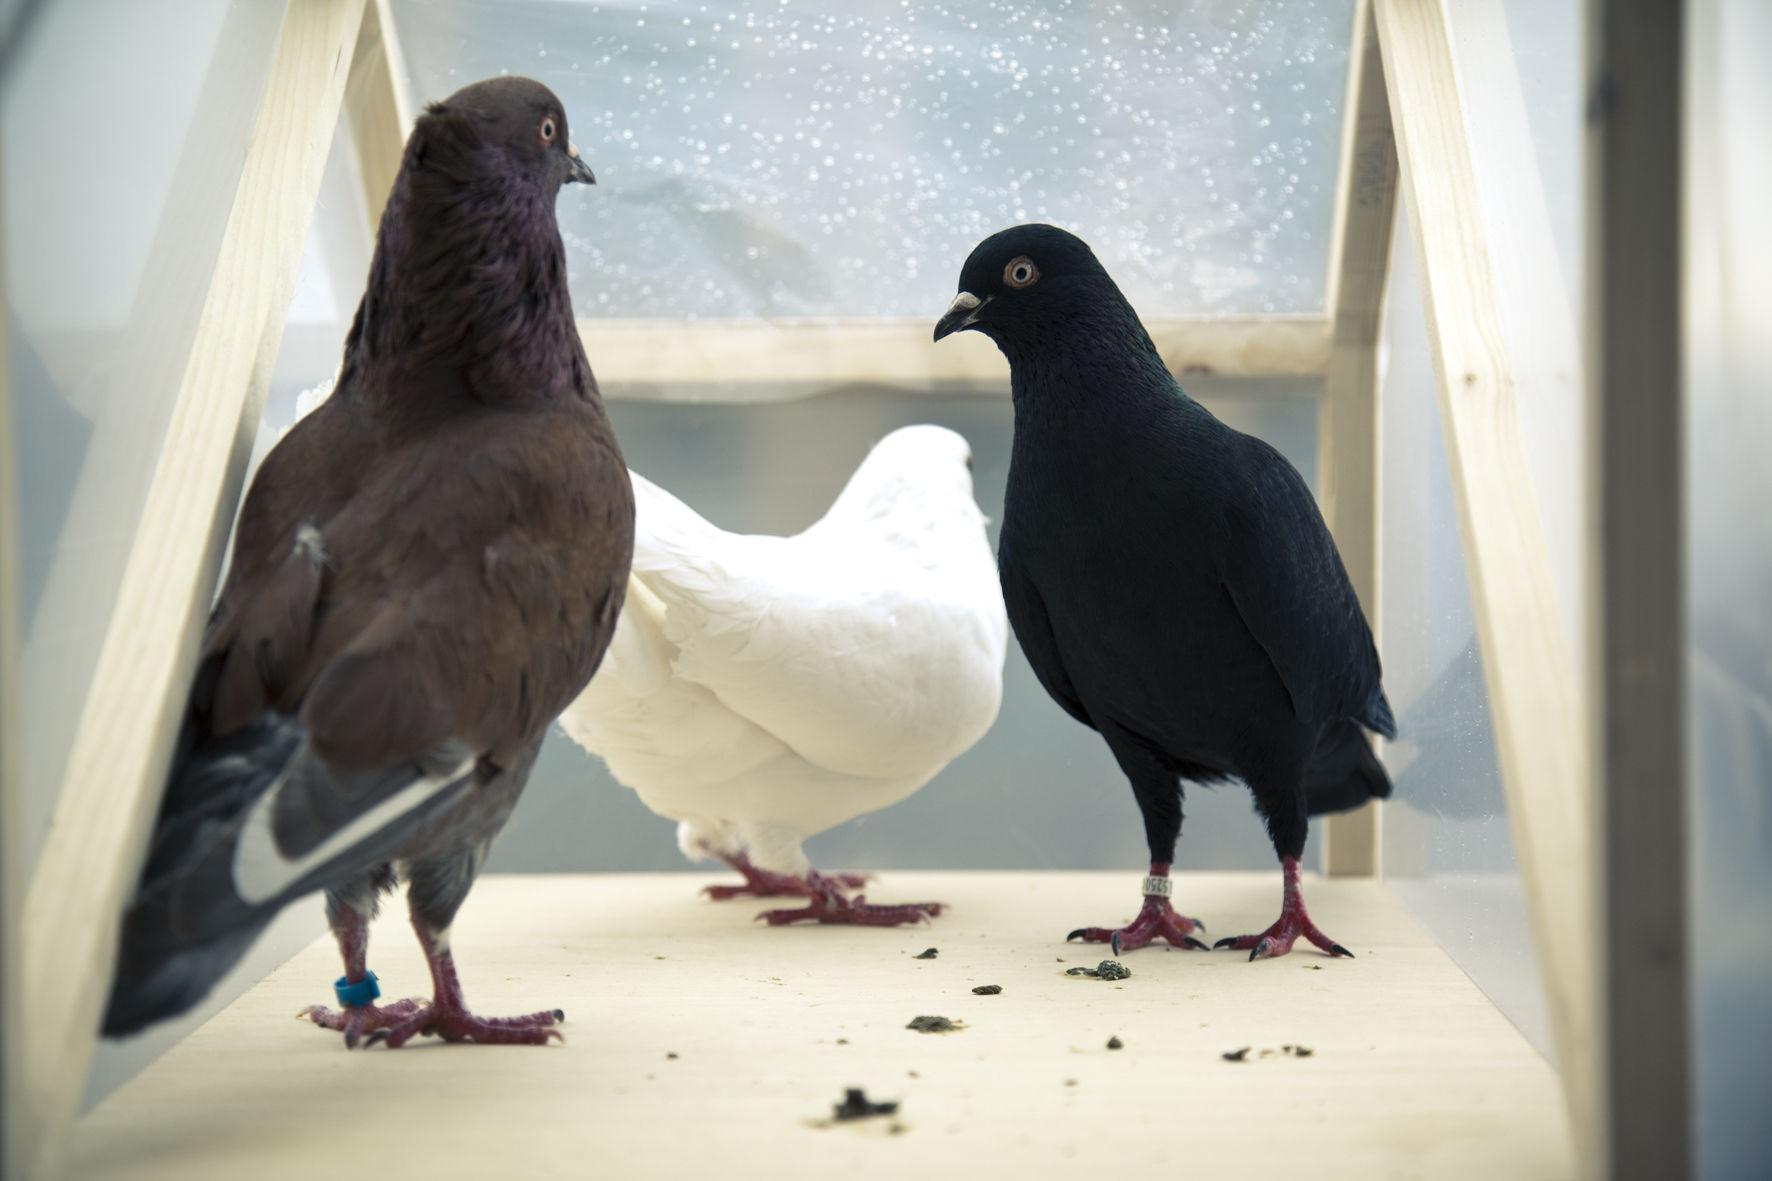 Тур ван Бален (Великобритания), «Золотой голубь». Реализация новой биологической функции у голубей, испражняющихся моющими средствами. Синтетическая биология ©Фото Питера Барта